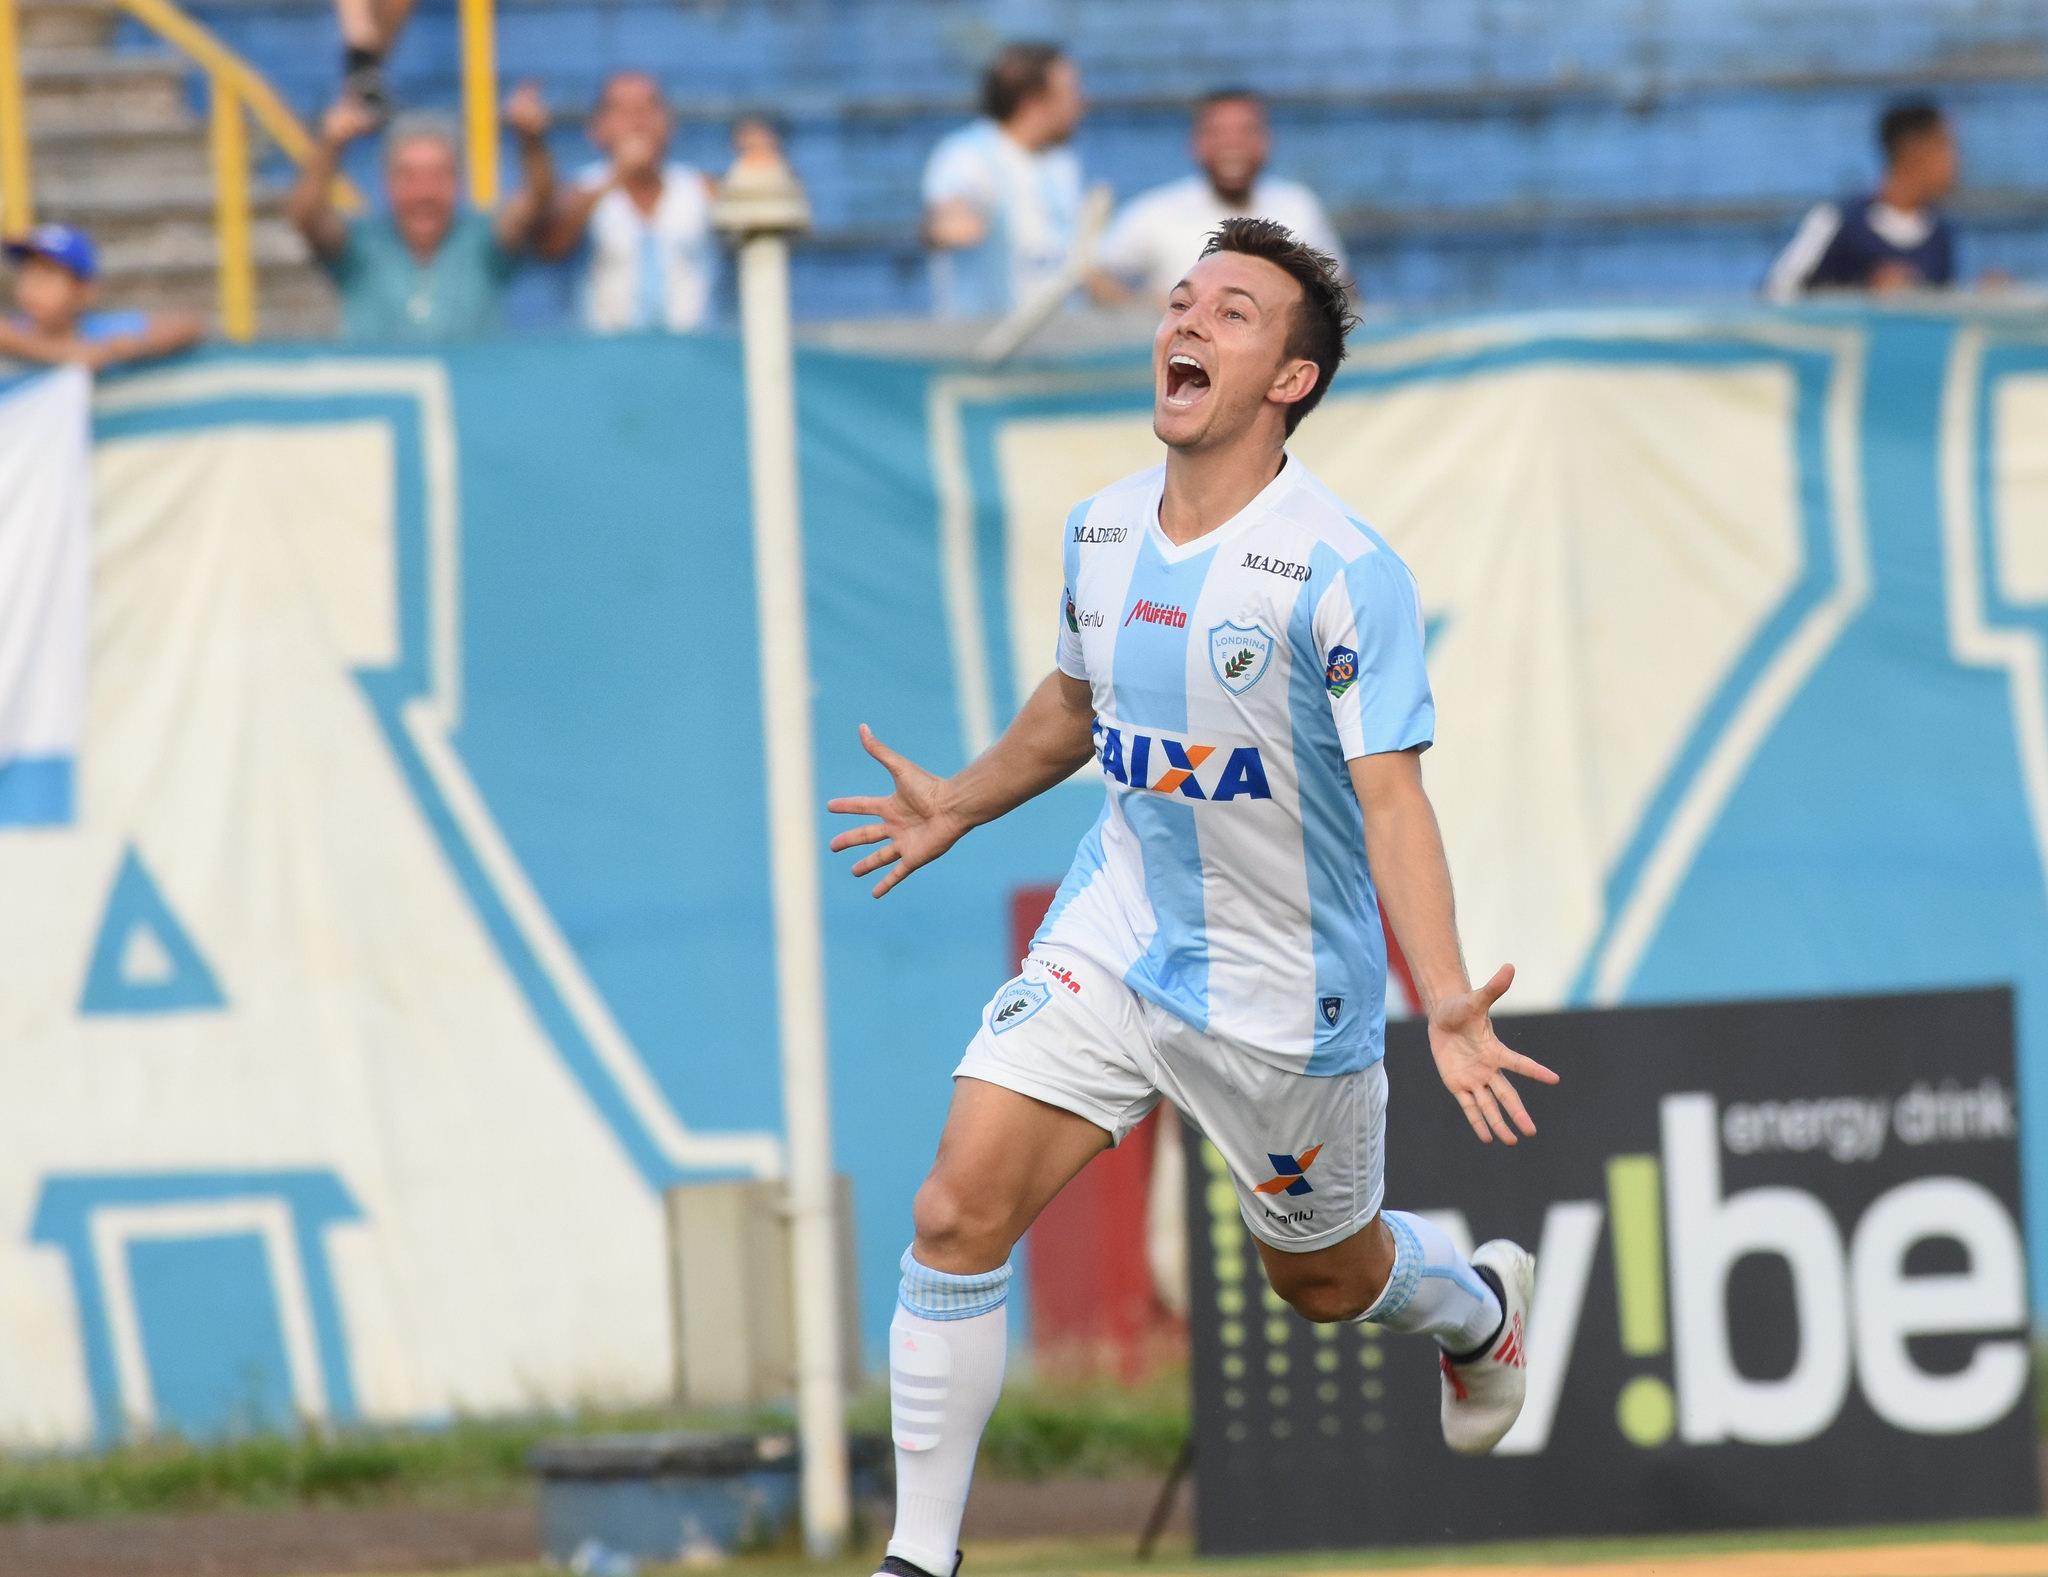 No primeiro toque na bola, Dagoberto fez o gol alviceleste e depois foi substituído com dores na coxa. Ele ficou 18 minutos em campo. Foto: Gustavo Oliveira/Londrina Esporte Clube